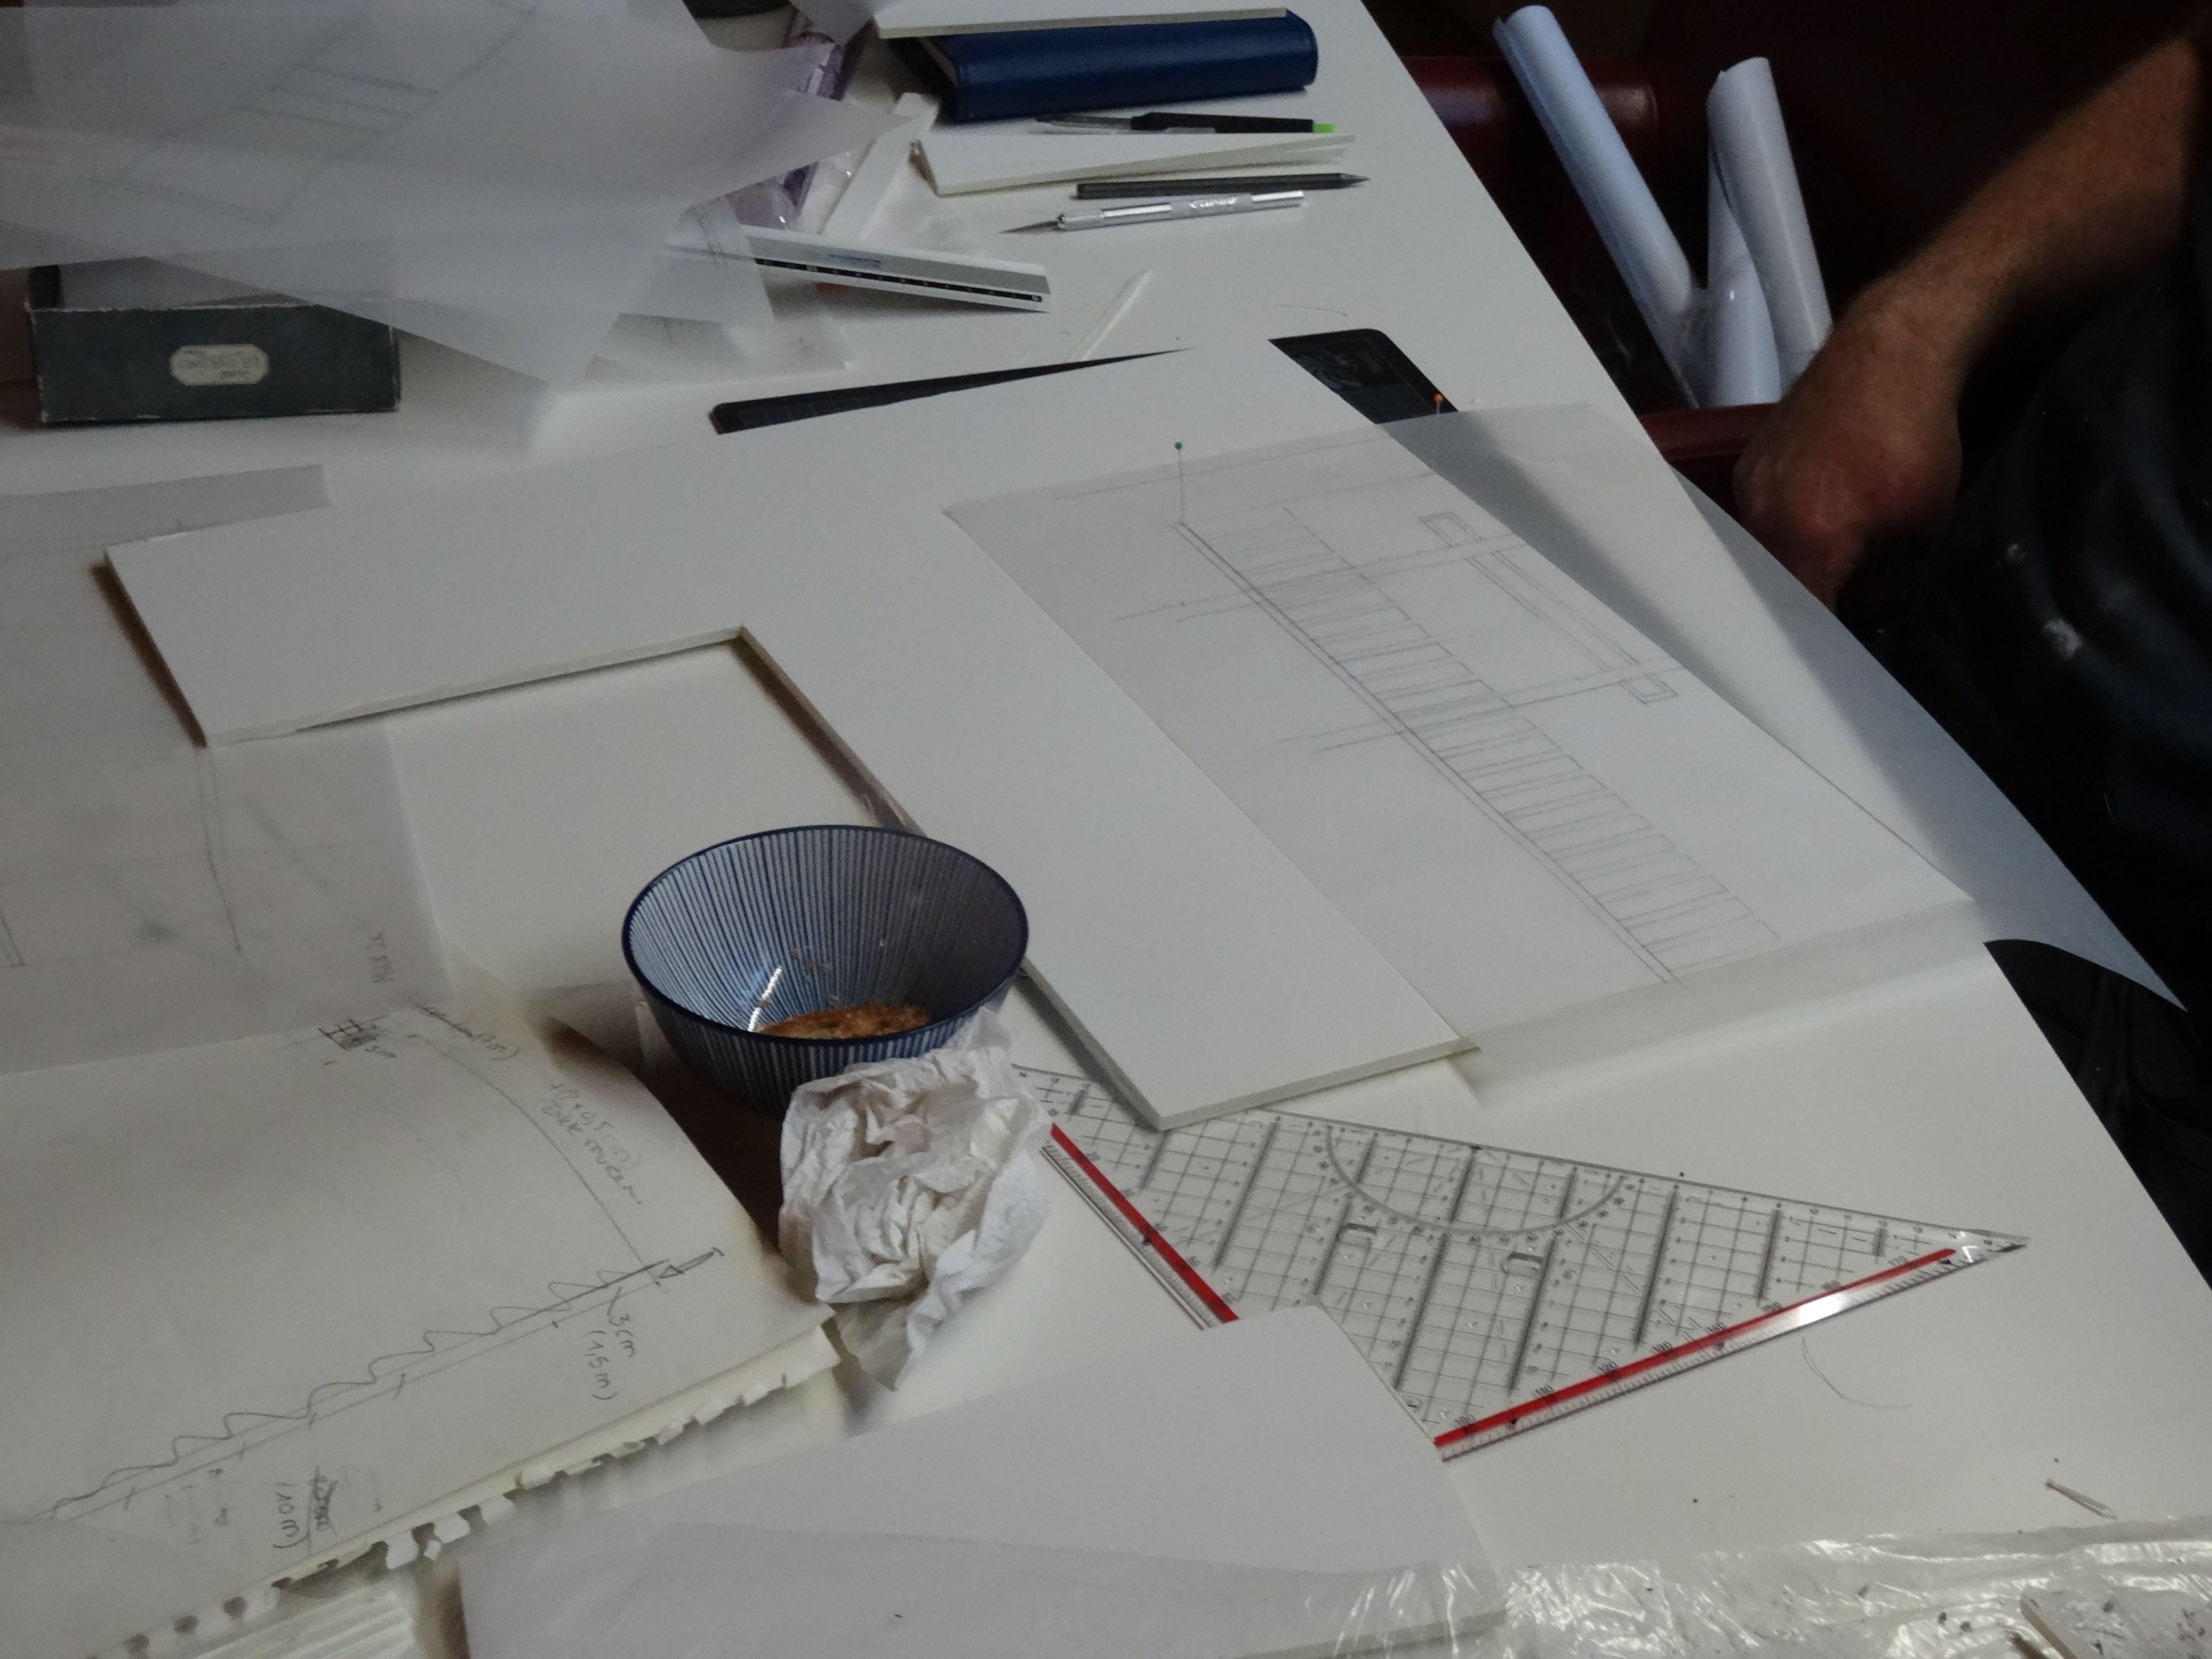 Mijn vader heeft me geleerd hoe je met kalkpapier je muren in kadapak kan uitsnijden. Je plaatst je kalk over je kadak en met naaldjes prik je de hoeken en enkele plaatsen. Zo kan je ook je rechte lijnen zien en je lat juist leggen.